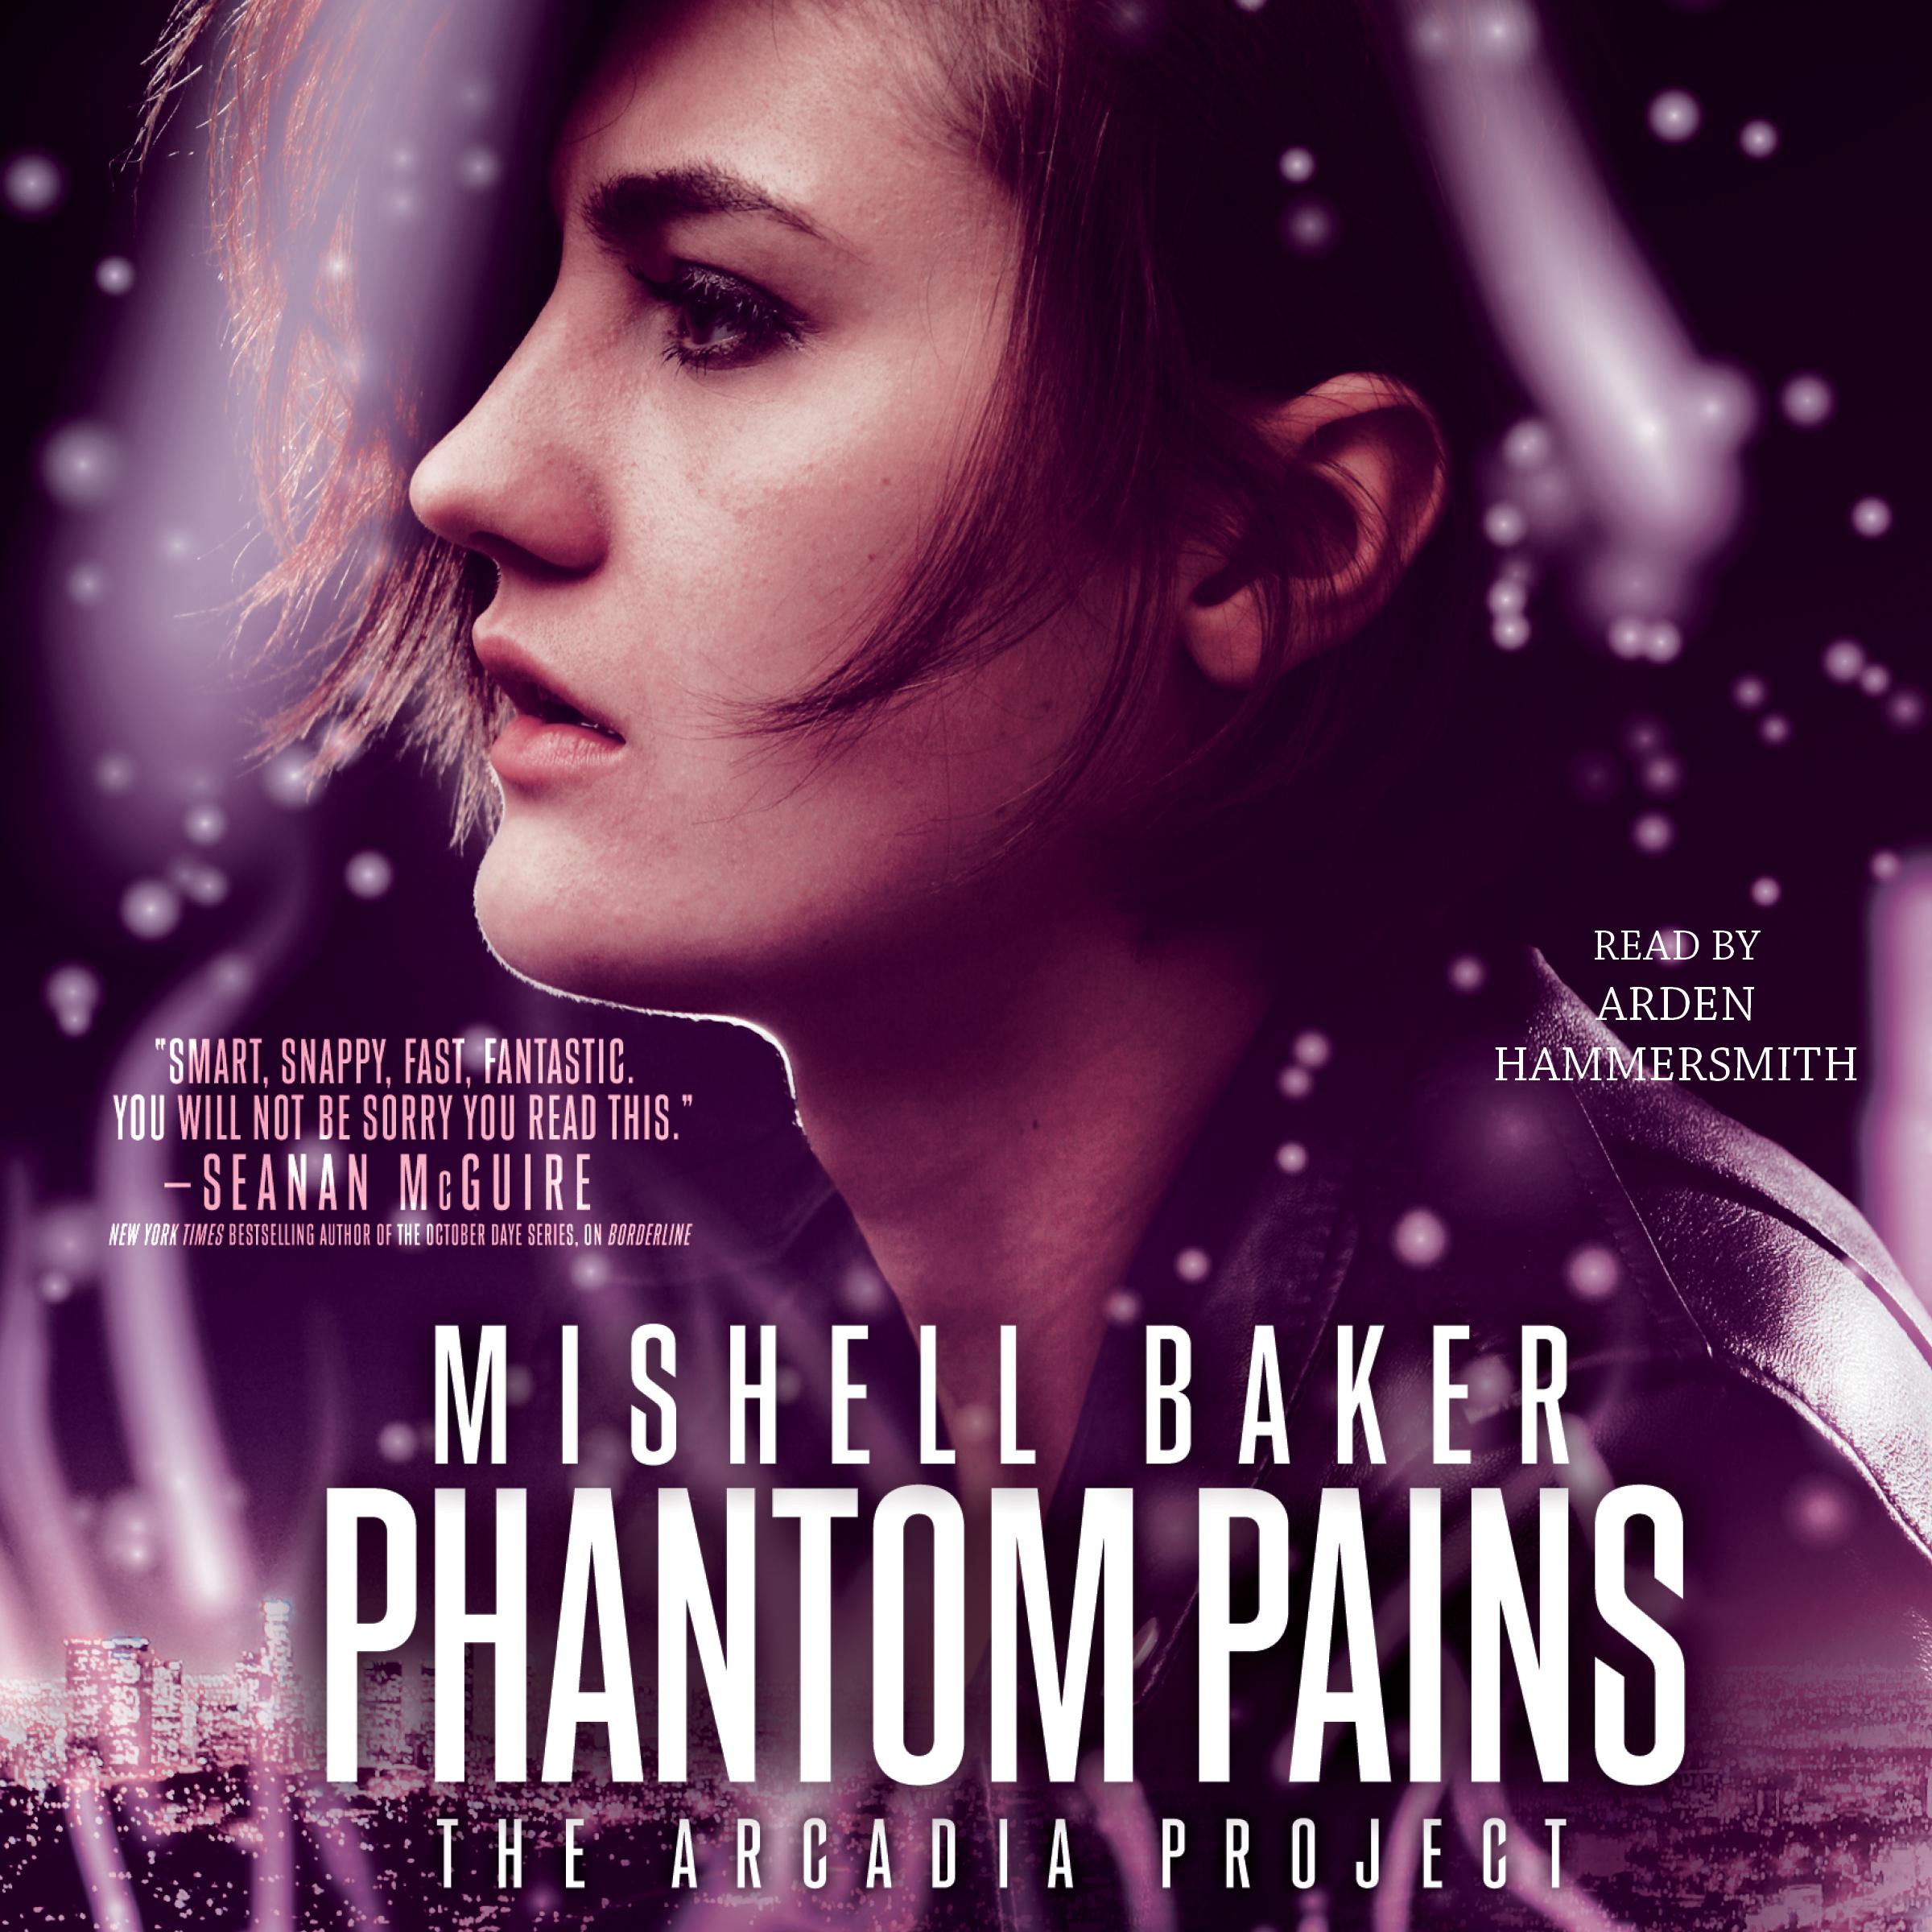 Phantom Pains Mishell Baker